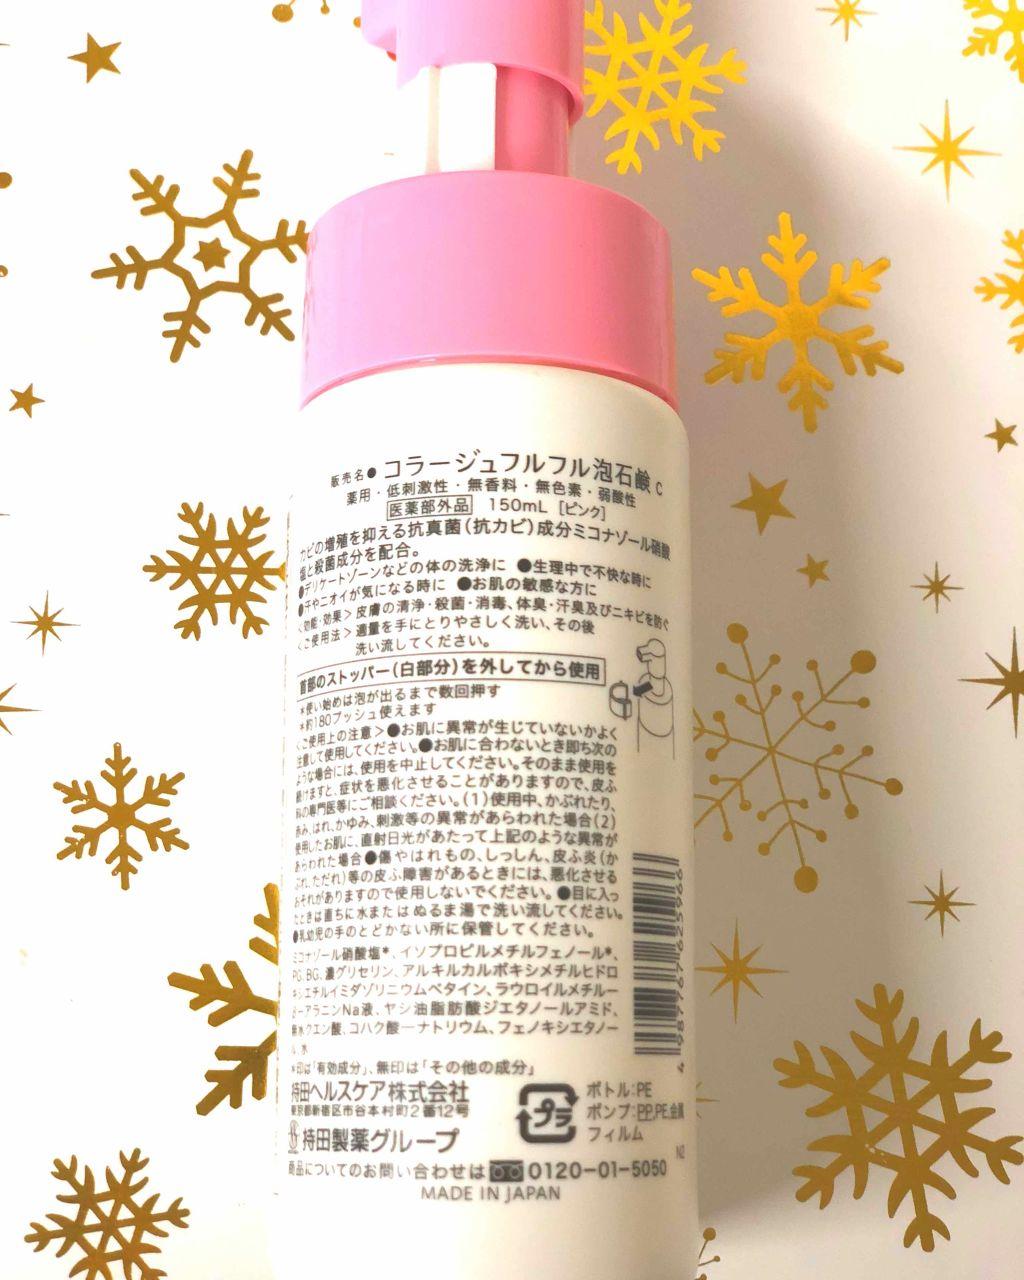 ミコナゾール 石鹸